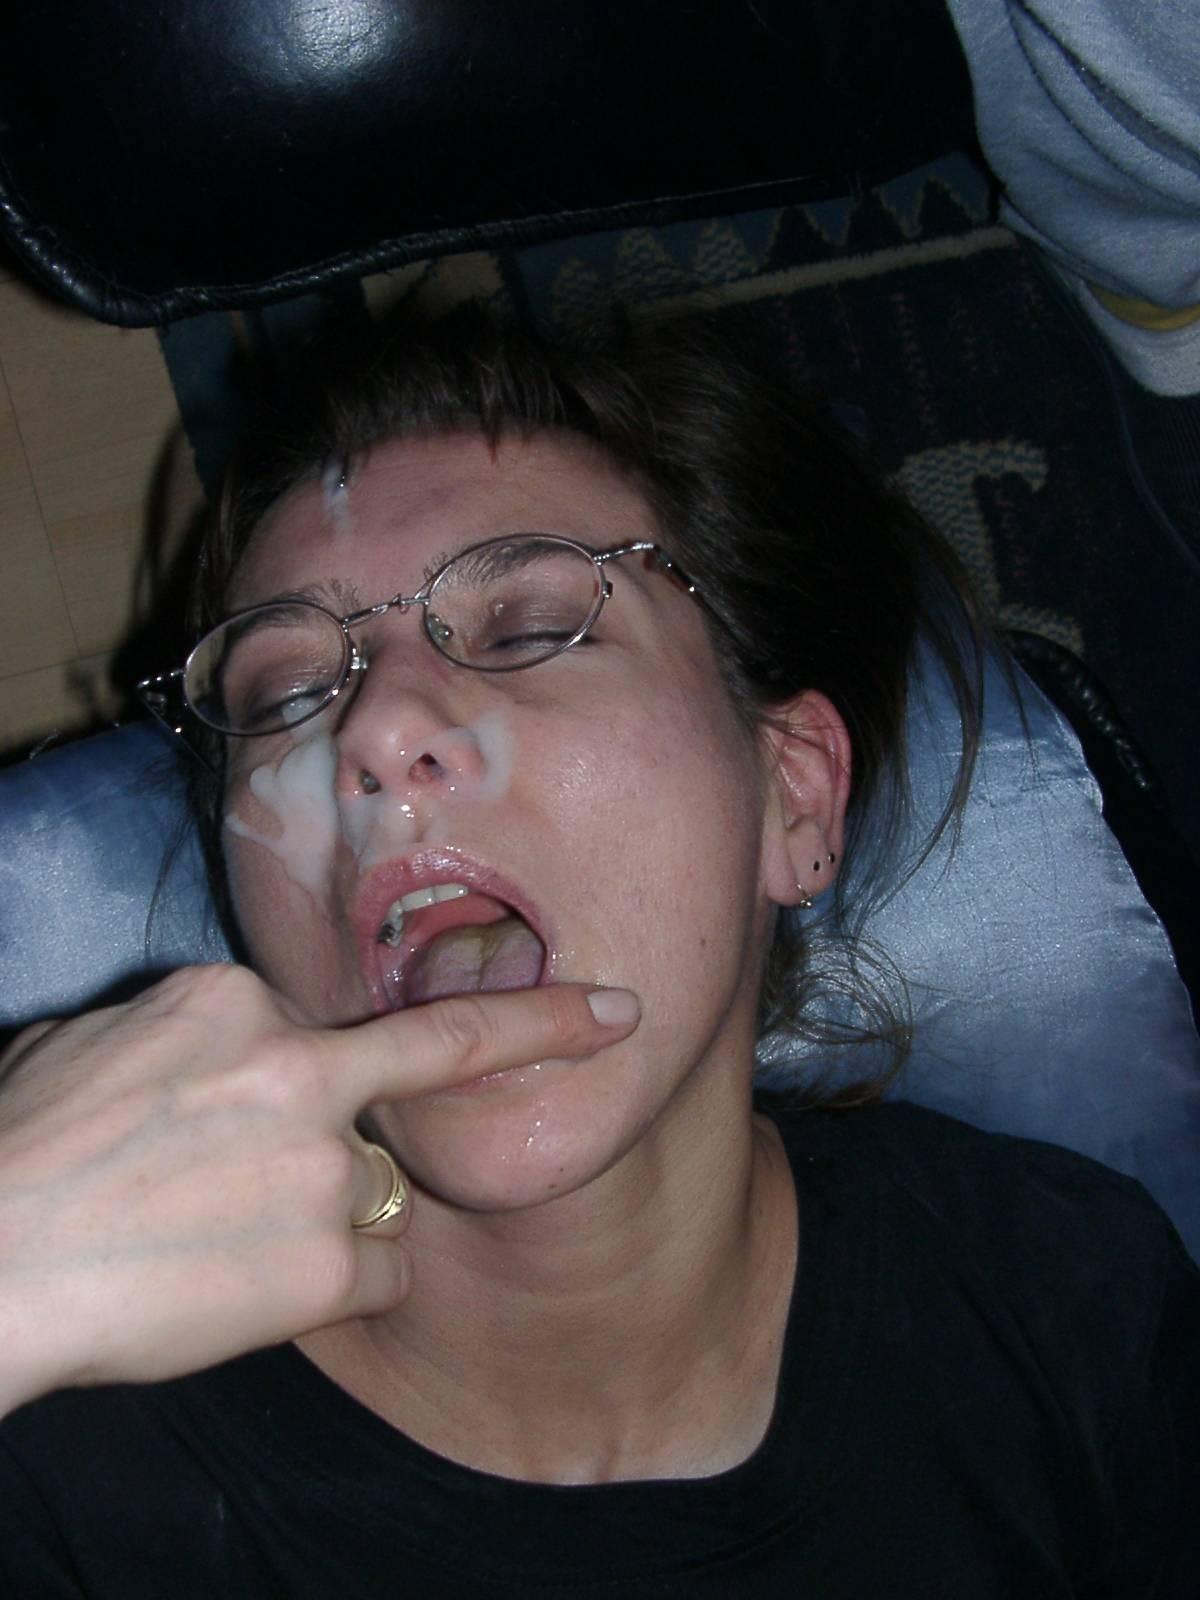 Моя жена действительно любит, когда я ей хорошо кончу на лицо